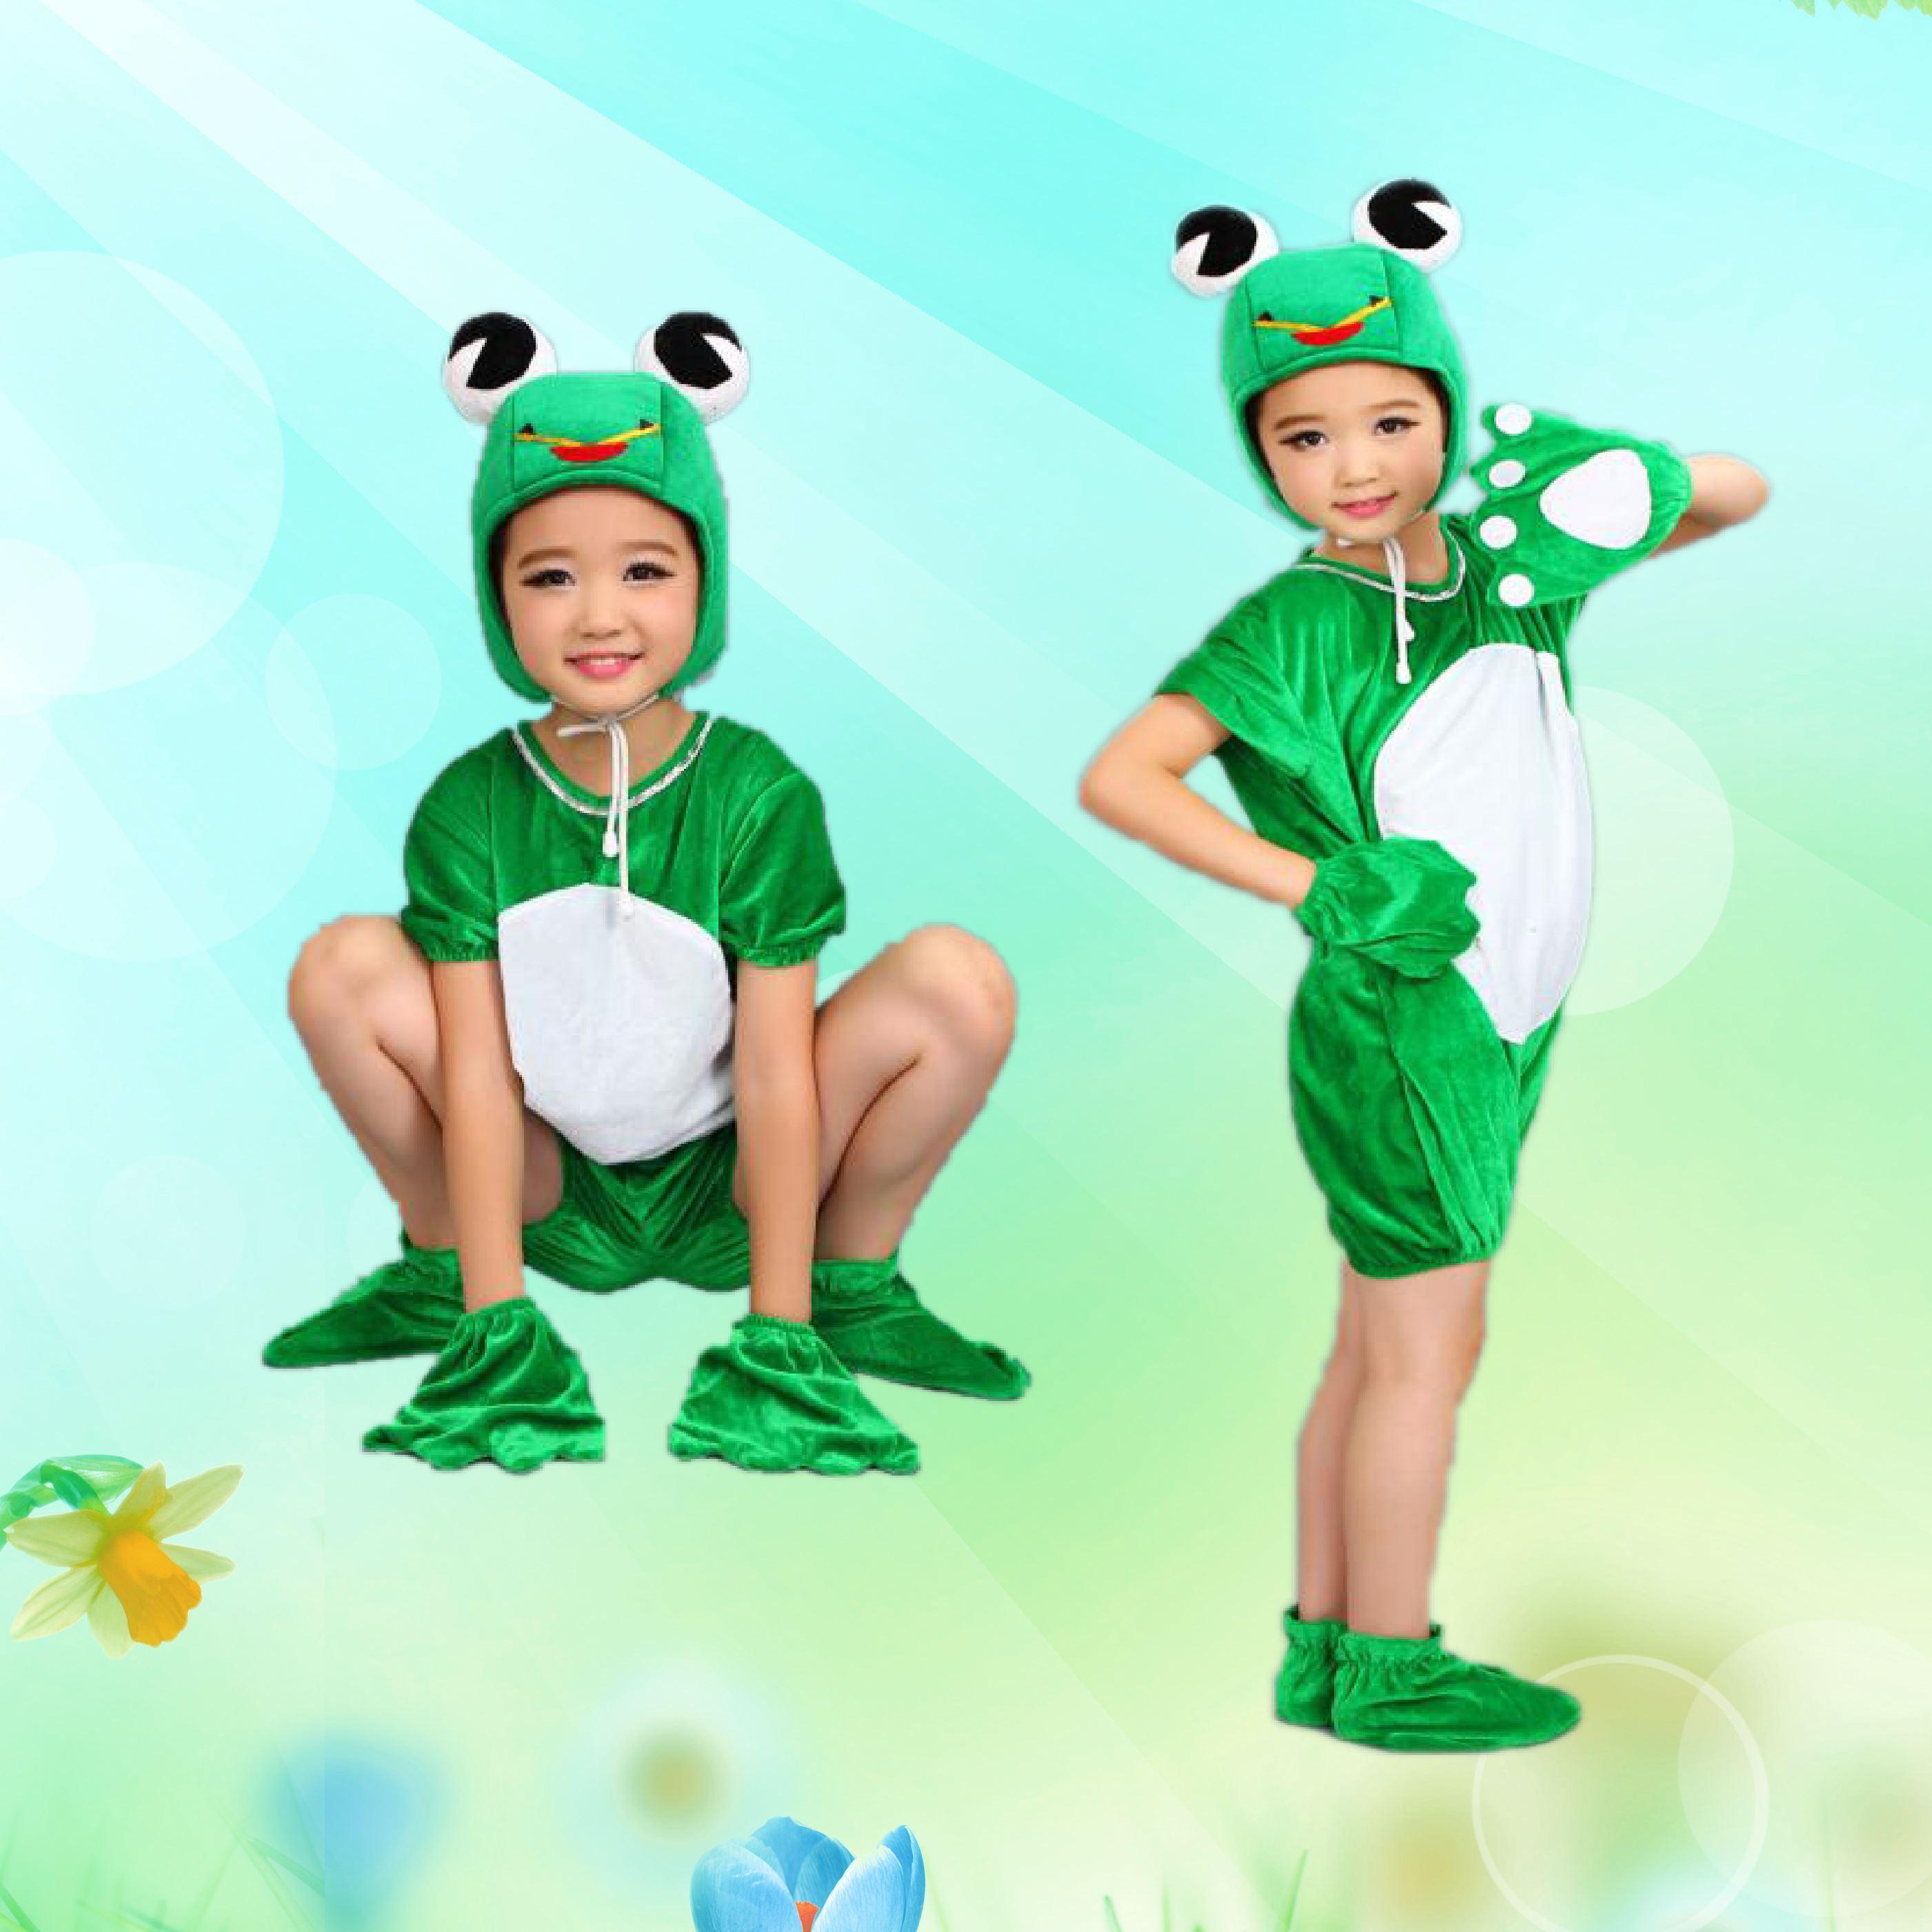 六一蝌蚪青蛙演出服小儿童找动物小跳蛙小妈妈服装衣服v蝌蚪青蛙蝴蝶兰挺好养的图片